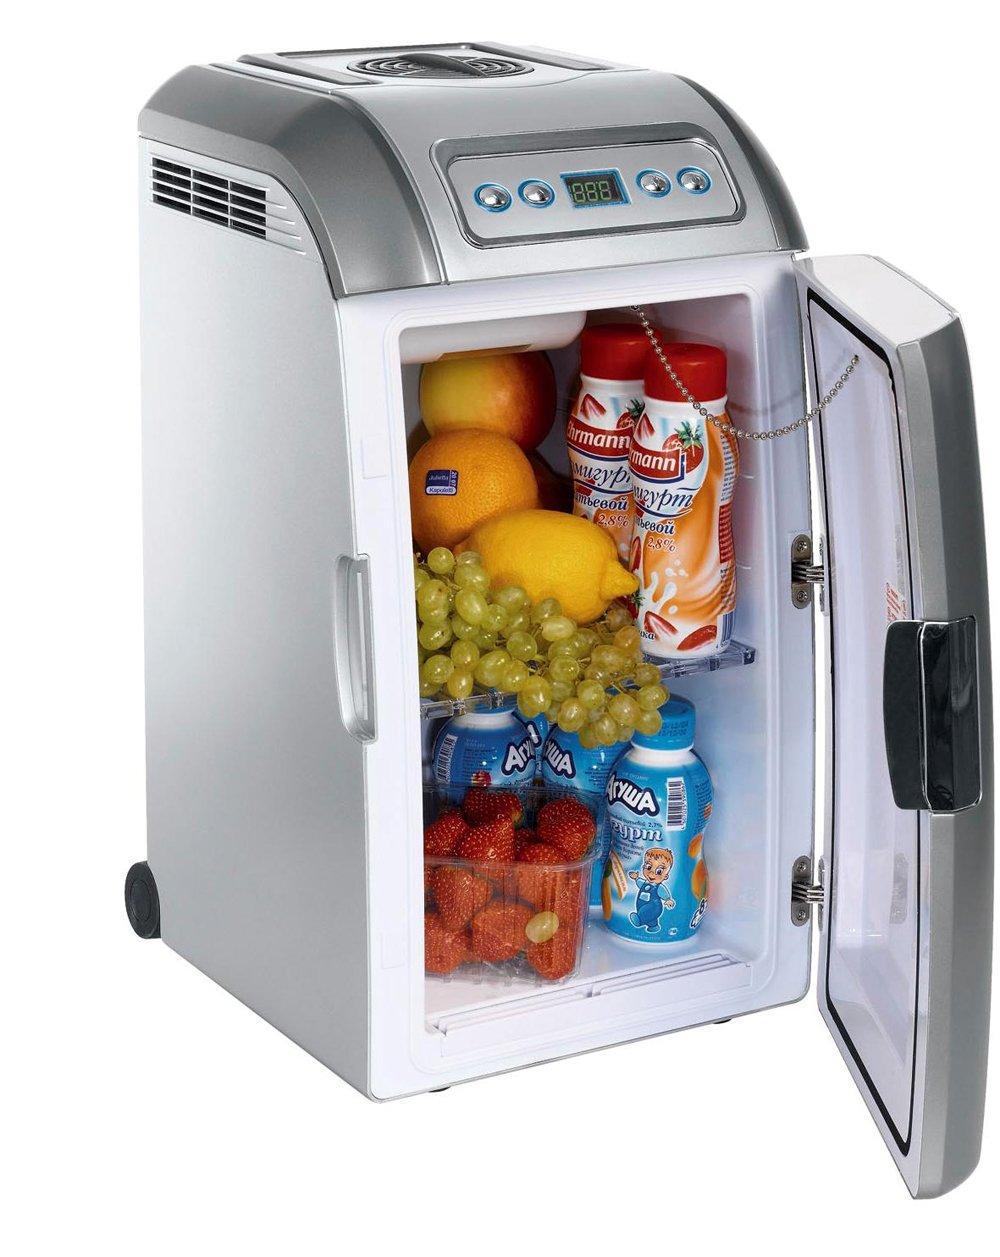 Сейчас существует огромное разнообразие холодильников